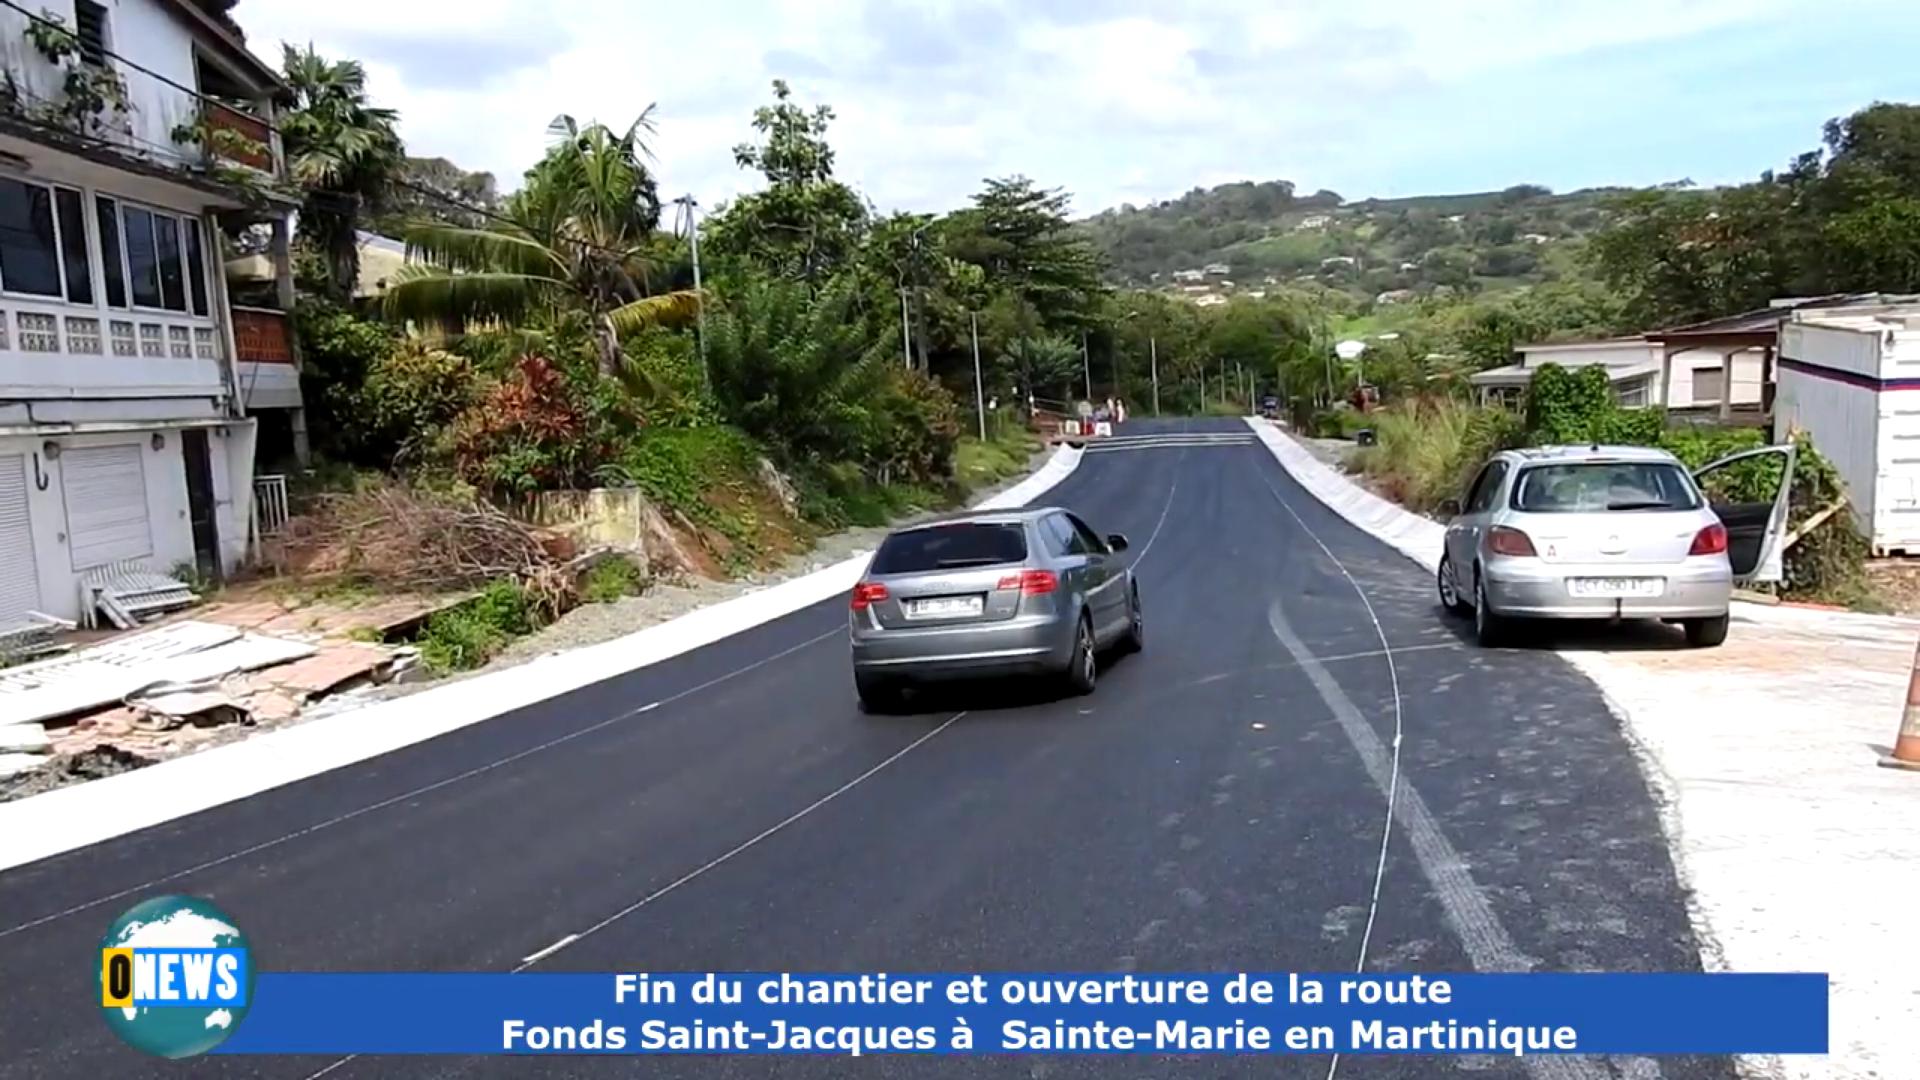 Onews Martinique. Fin du chantier et ouverture de la RN  Fonds Saint Jacques